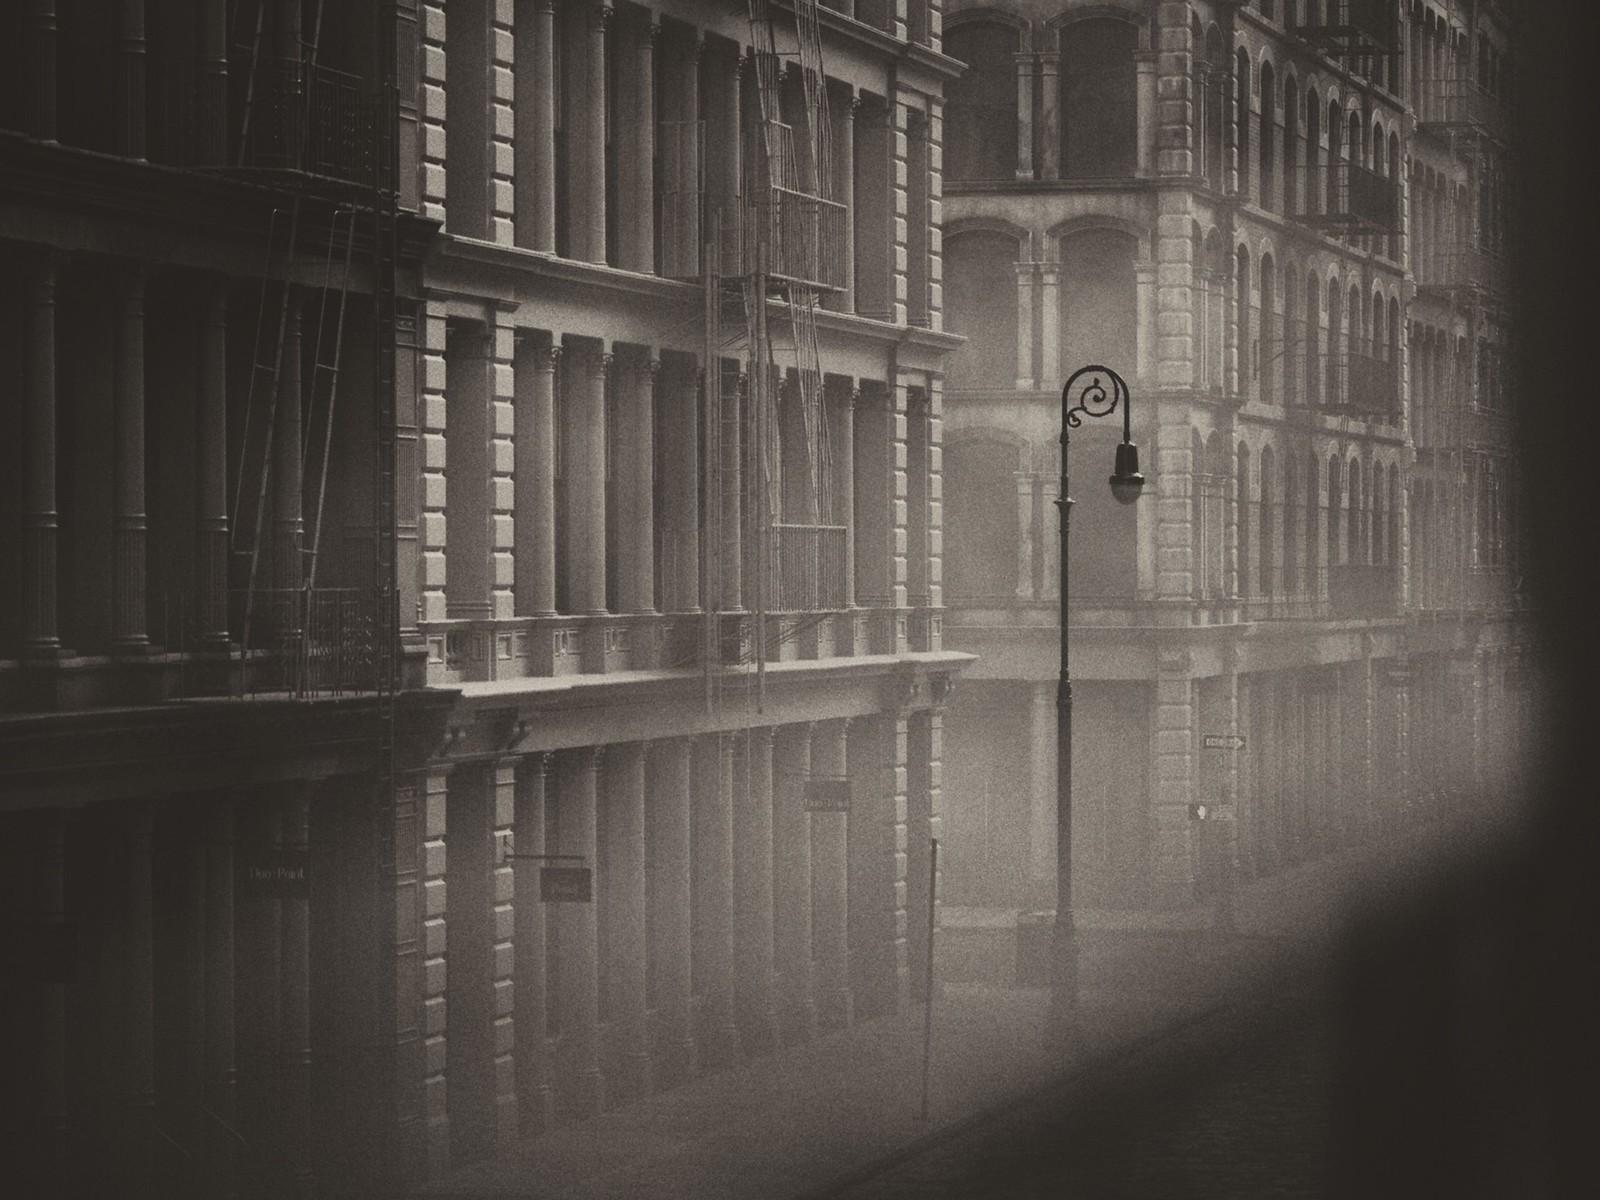 Streets of Soho